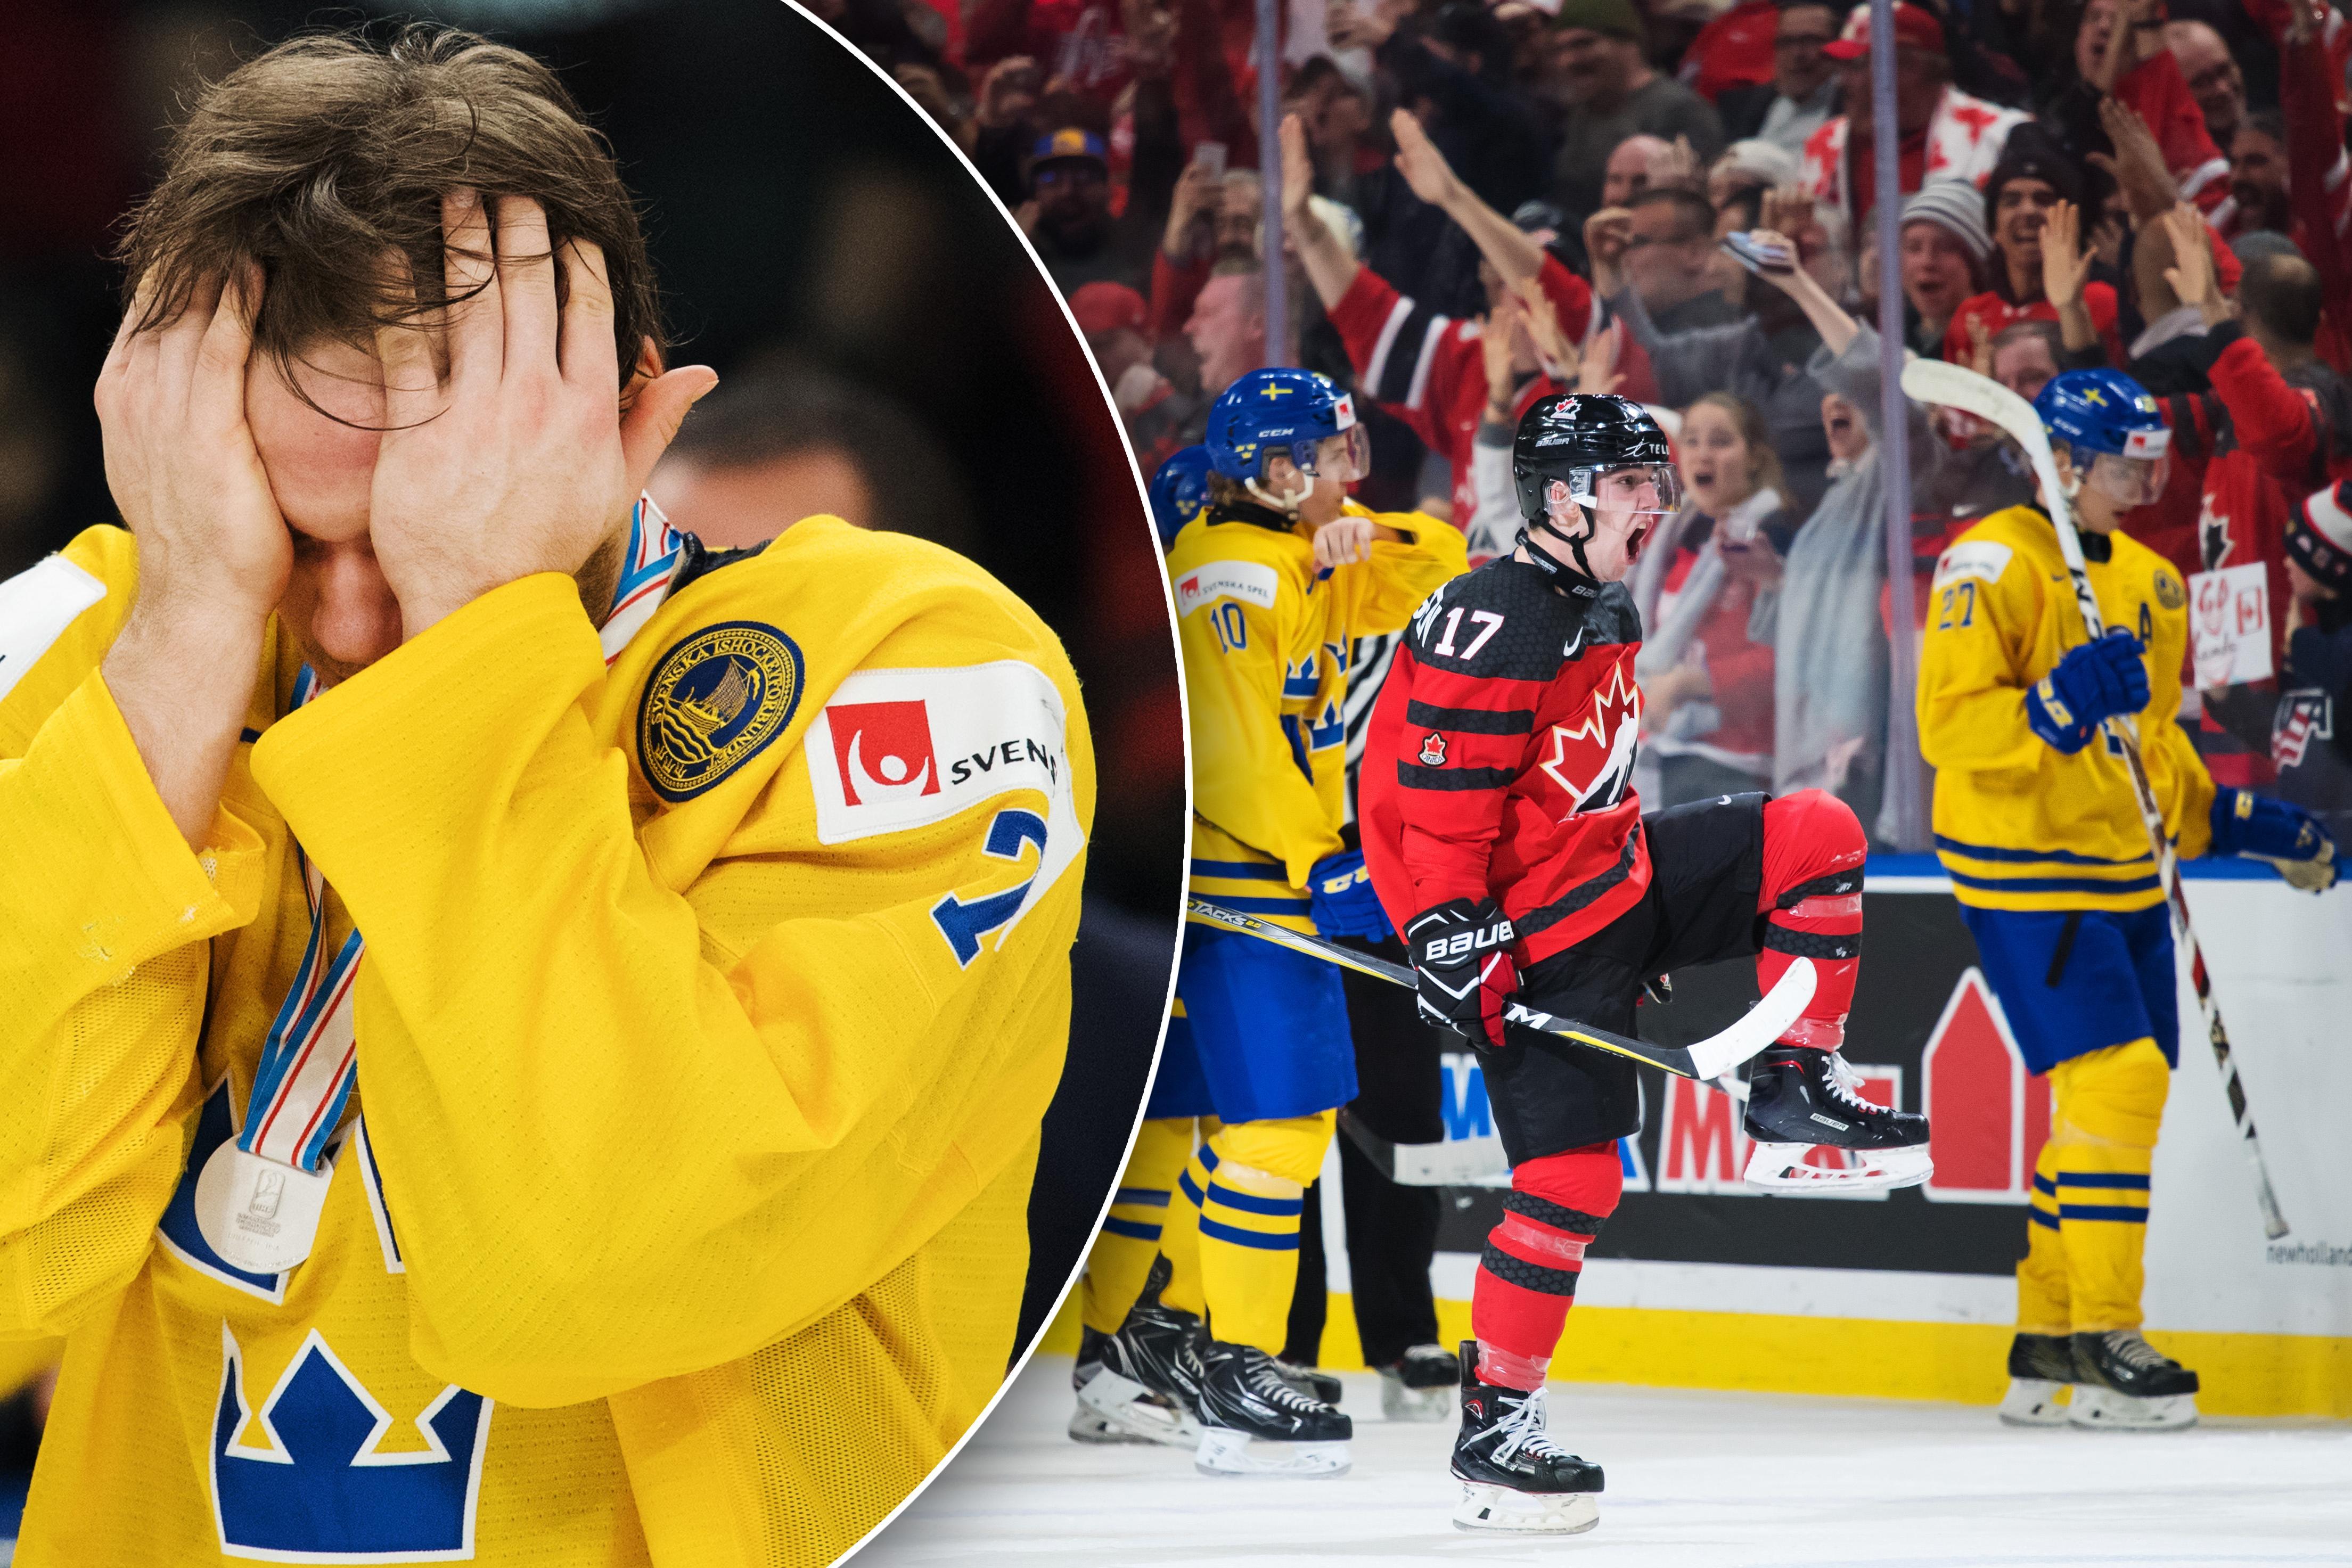 Svensk ilska efter finalforlusten